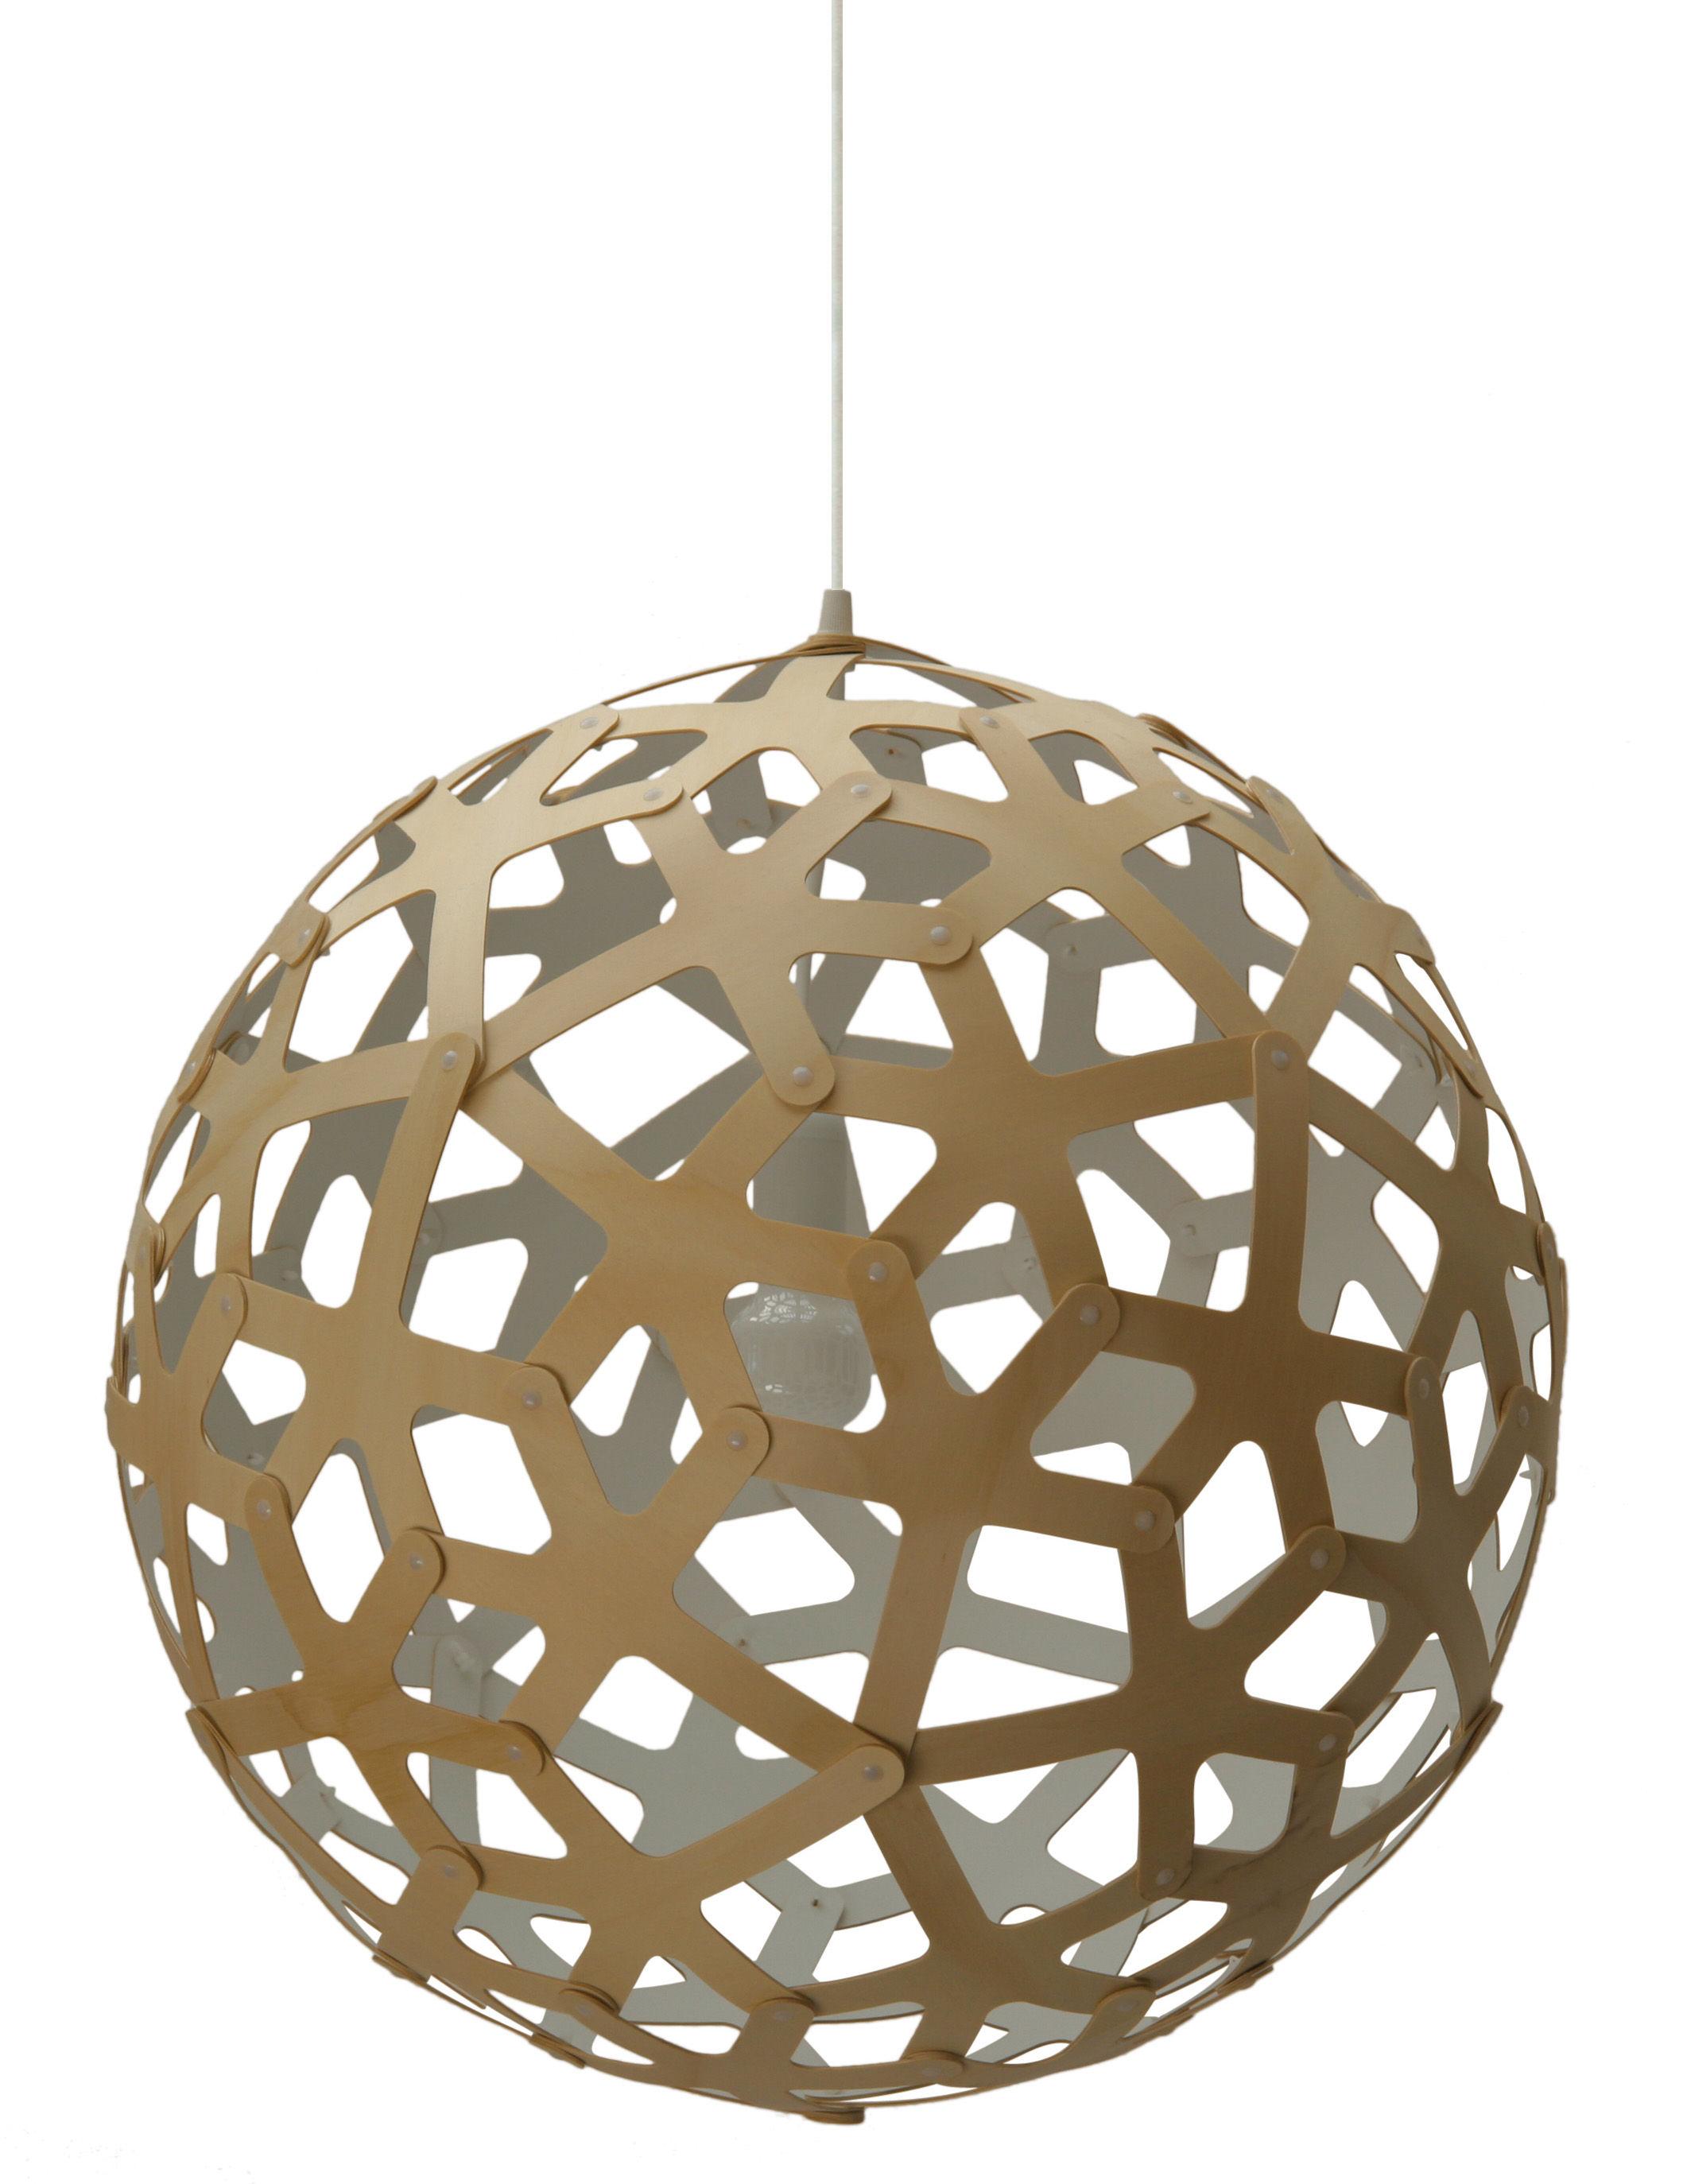 Leuchten - Pendelleuchten - Coral Pendelleuchte Ø 60 cm - Zweifarbig - Exklusiv - David Trubridge - Weiß / Holz natur - Kiefer